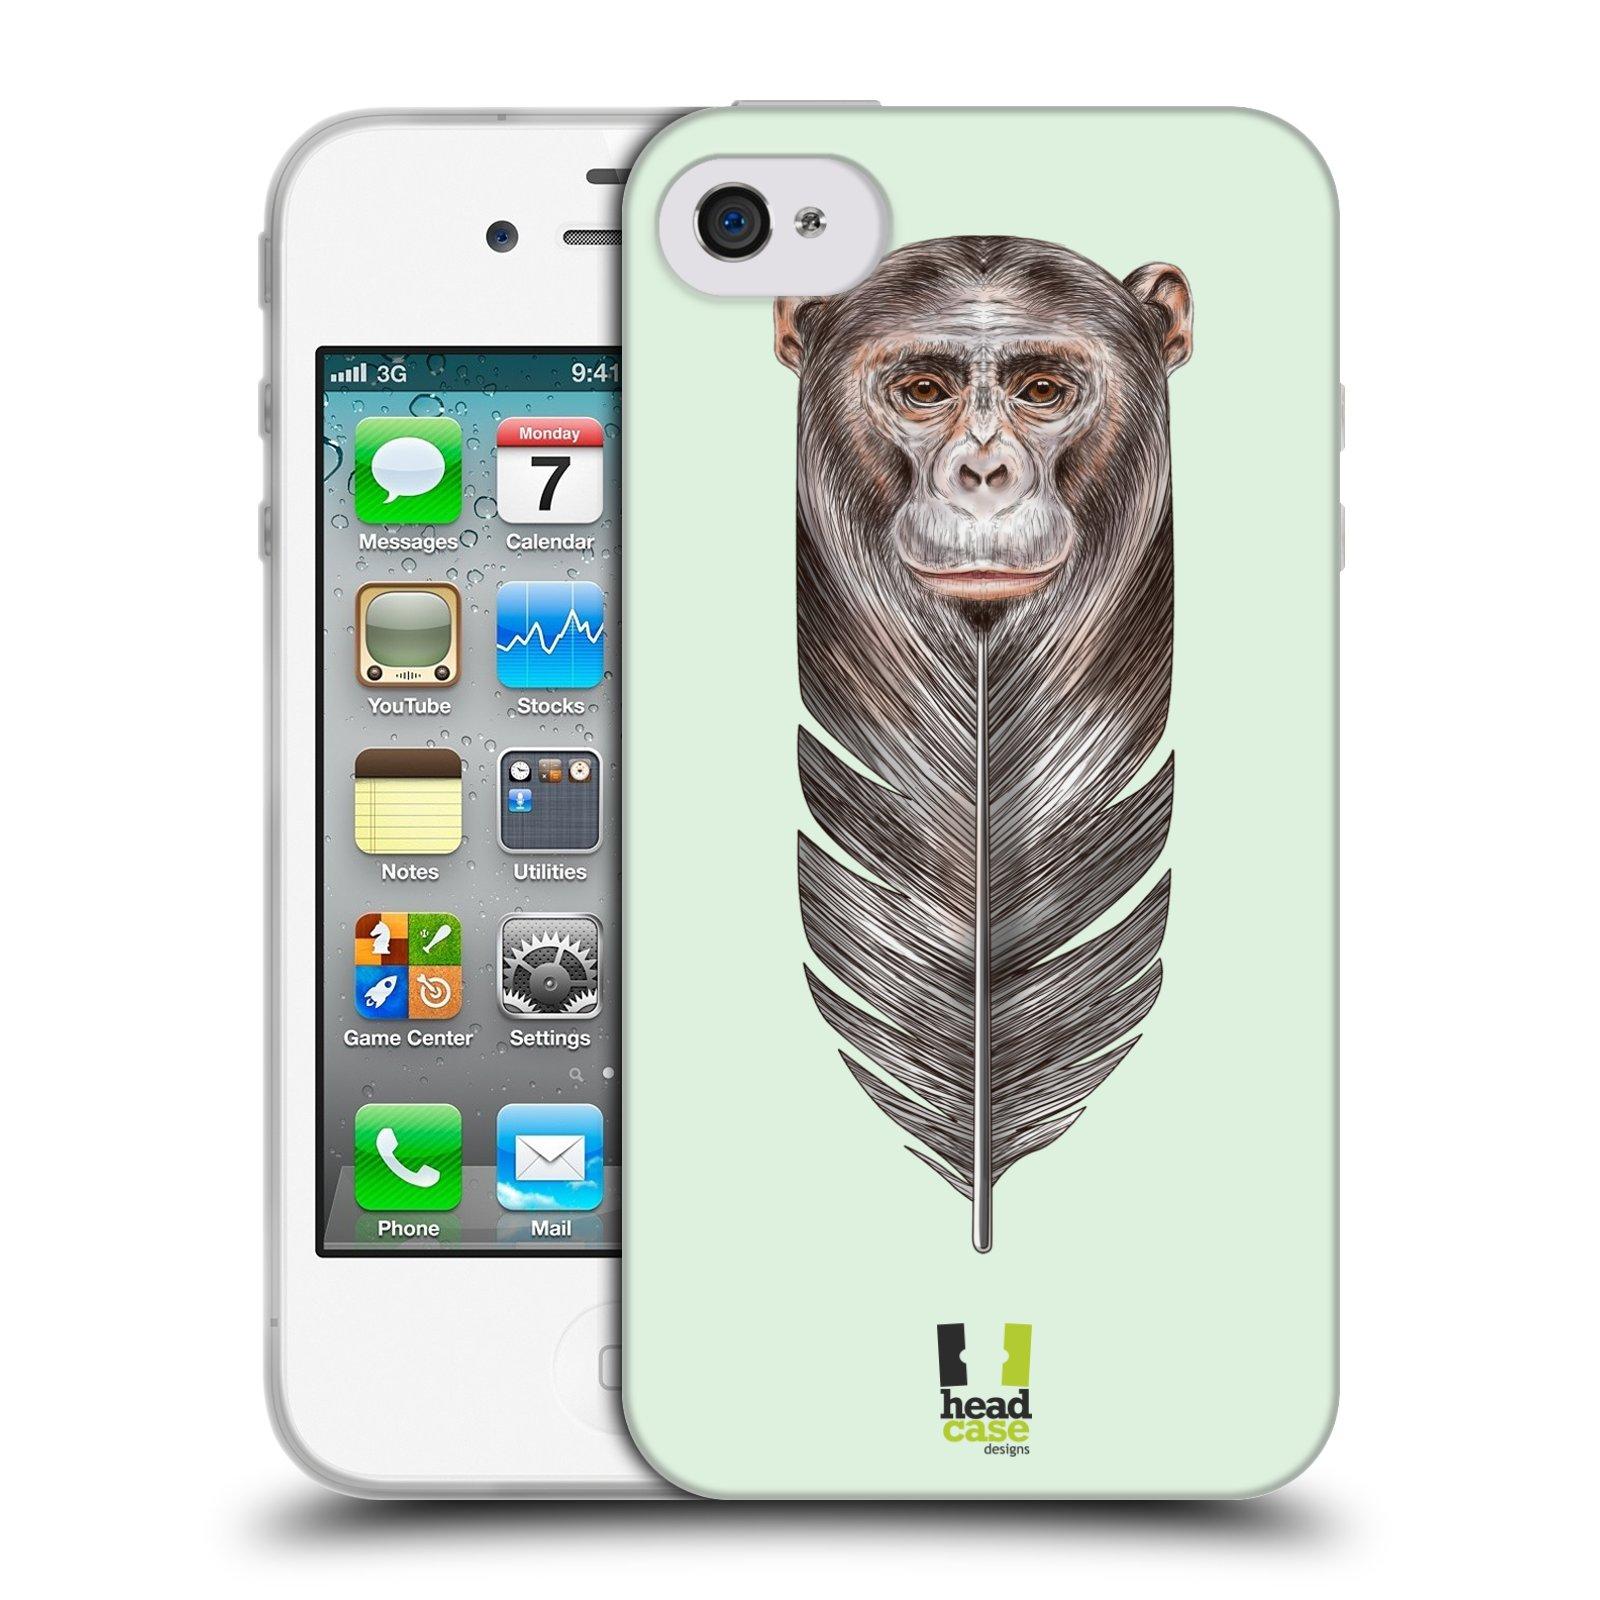 Silikonové pouzdro na mobil Apple iPhone 4 a 4S HEAD CASE PÍRKO OPIČKA (Silikonový kryt či obal na mobilní telefon Apple iPhone 4 a 4S)